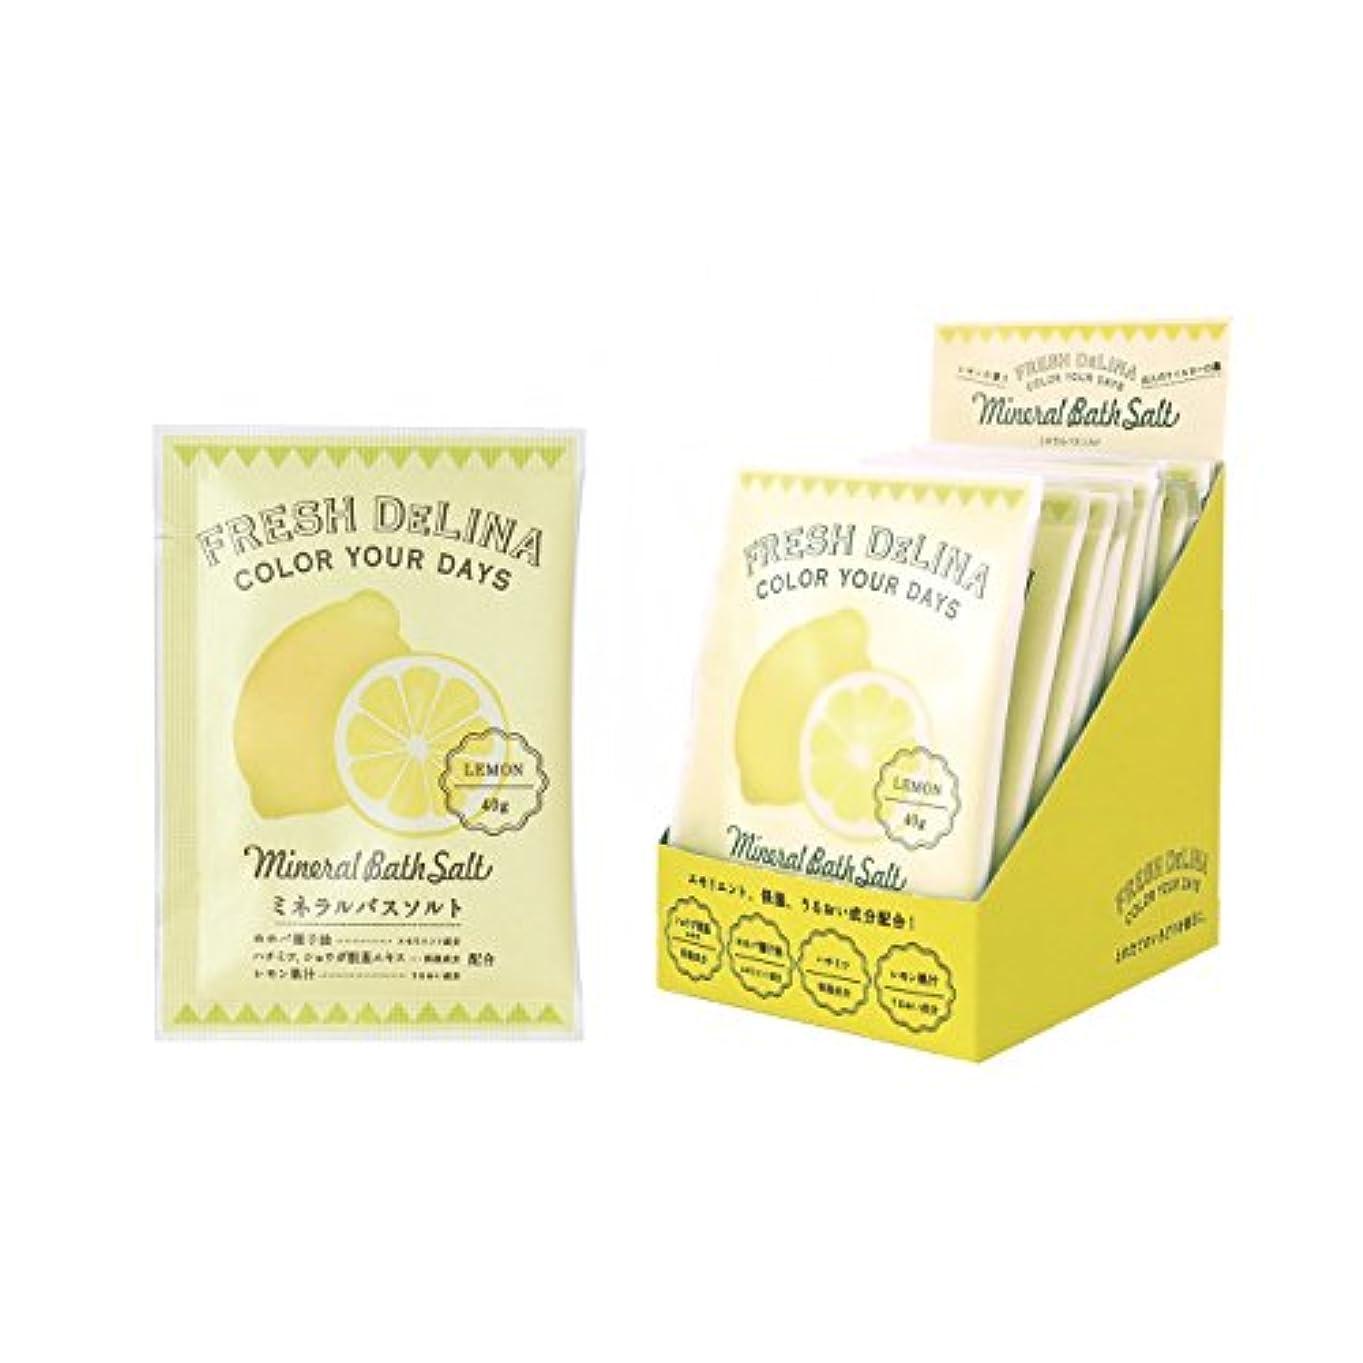 スリラーゴールドシンプルさフレッシュデリーナ ミネラルバスソルト40g(レモン) 12個 (海塩タイプ入浴料 日本製 どこかなつかしいフレッシュなレモンの香り)